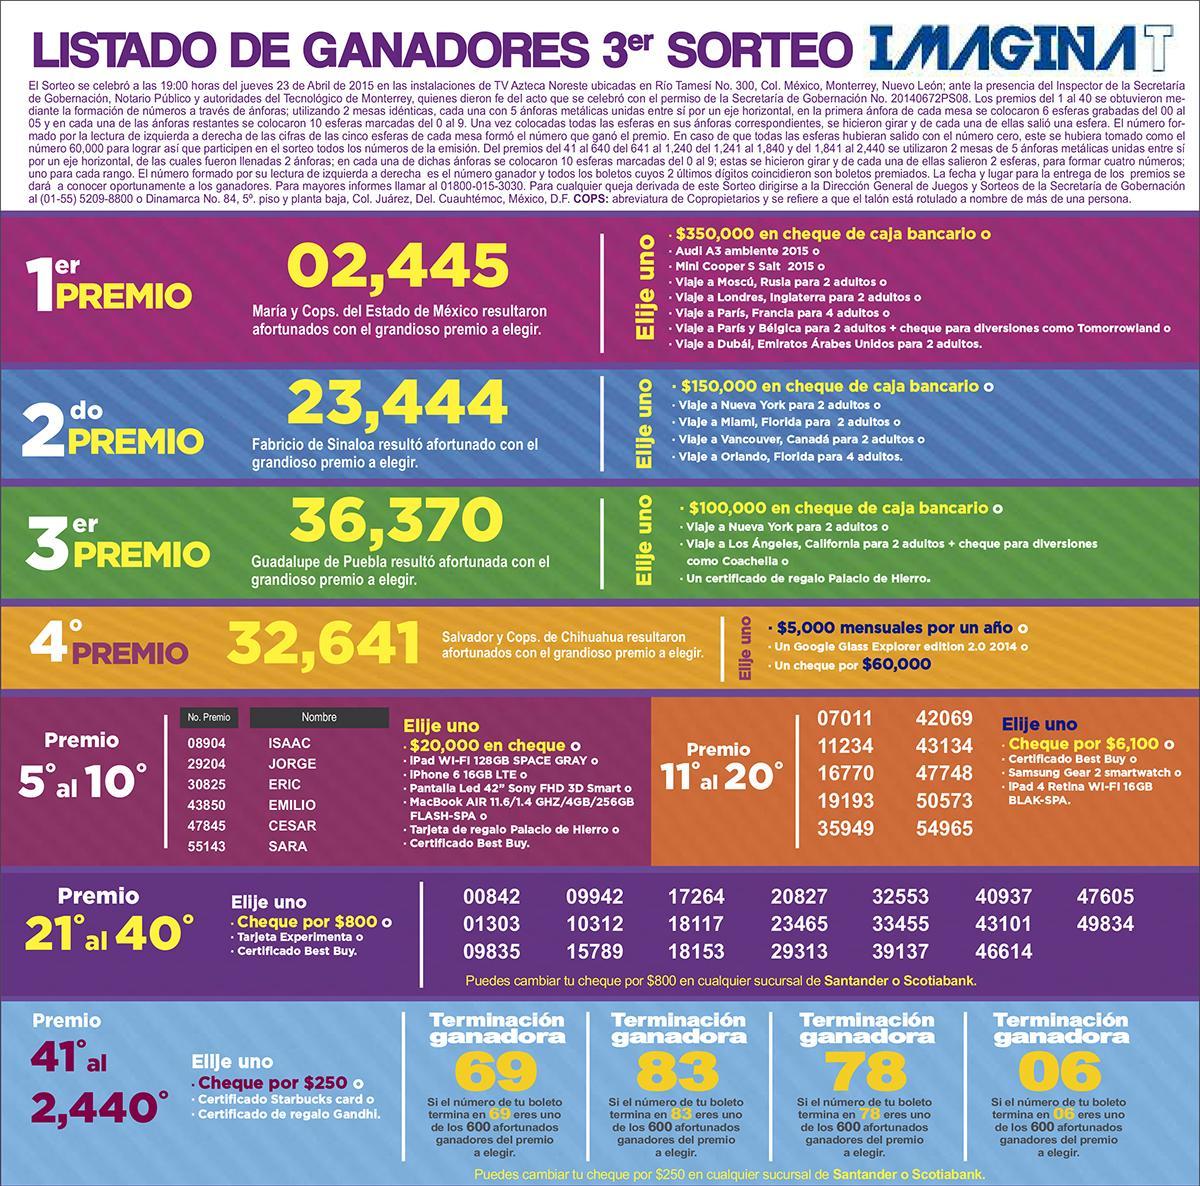 GANADORES 3° SORTEO IMAGINAT - Consulta la lista completa de ganadores en nuestra página https://t.co/RZPnenI8Bt http://t.co/RD10VRJjCi